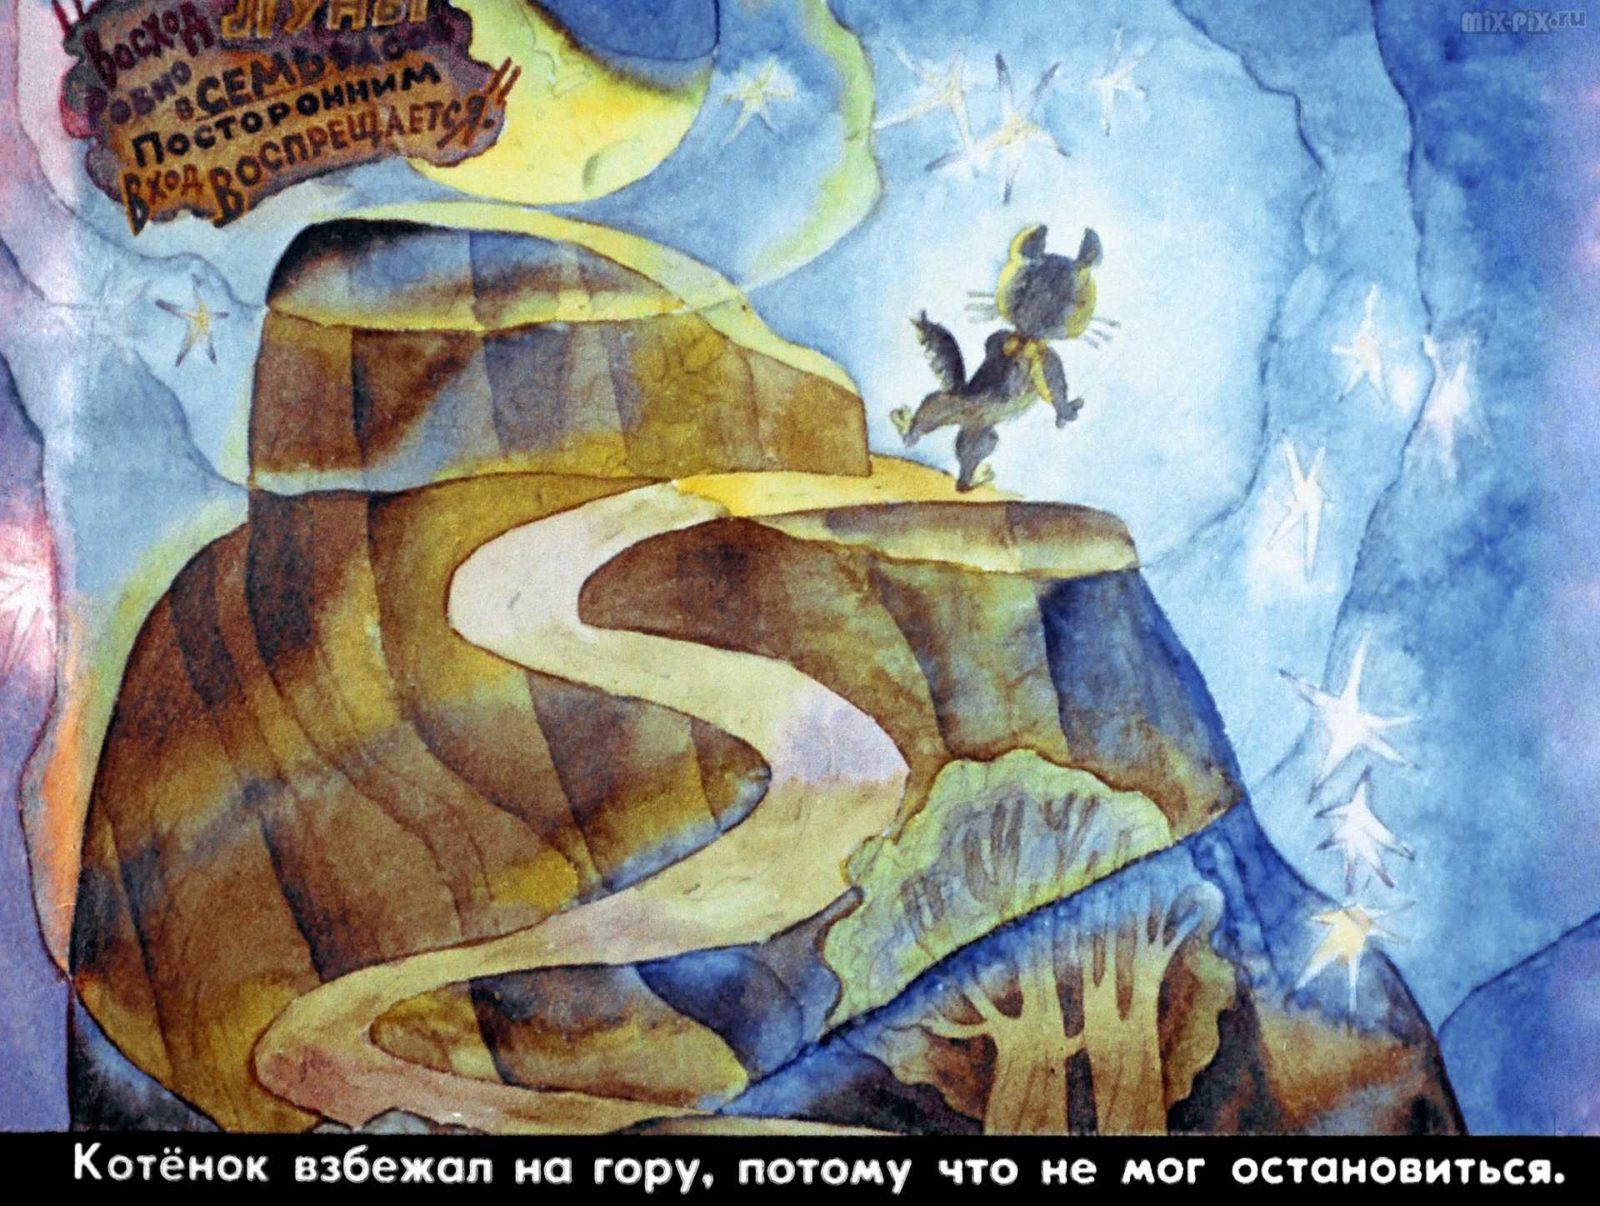 Сказка про лунный свет (1991) 32